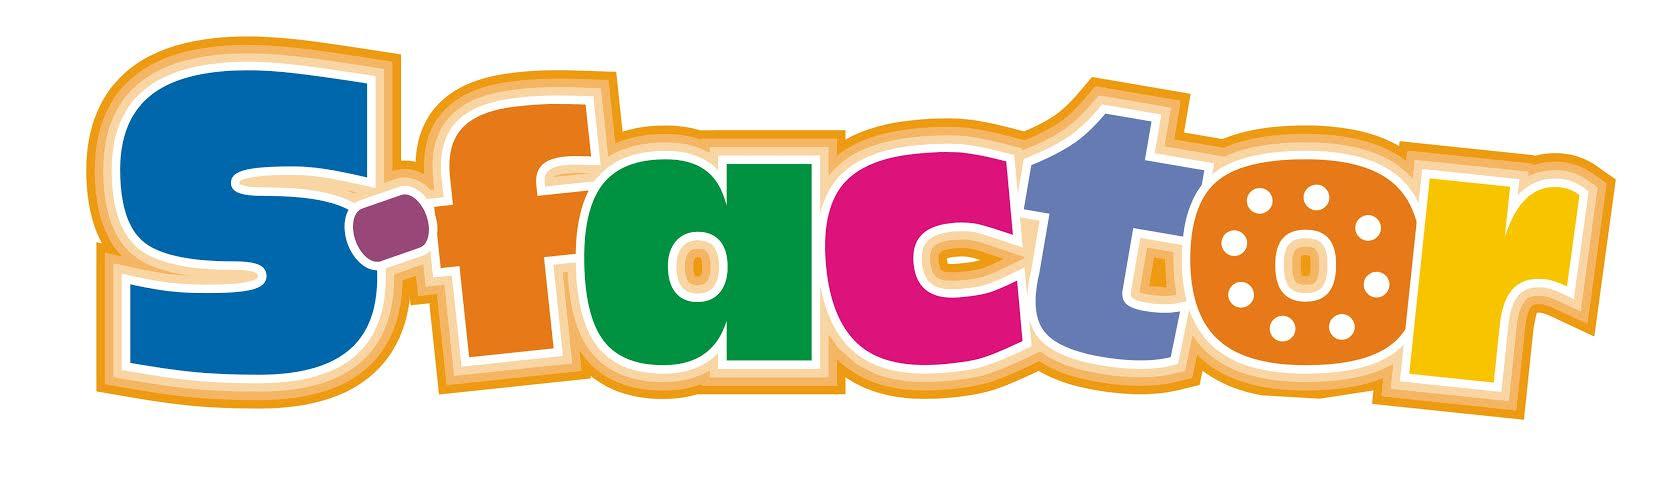 logo-s-factor-2016